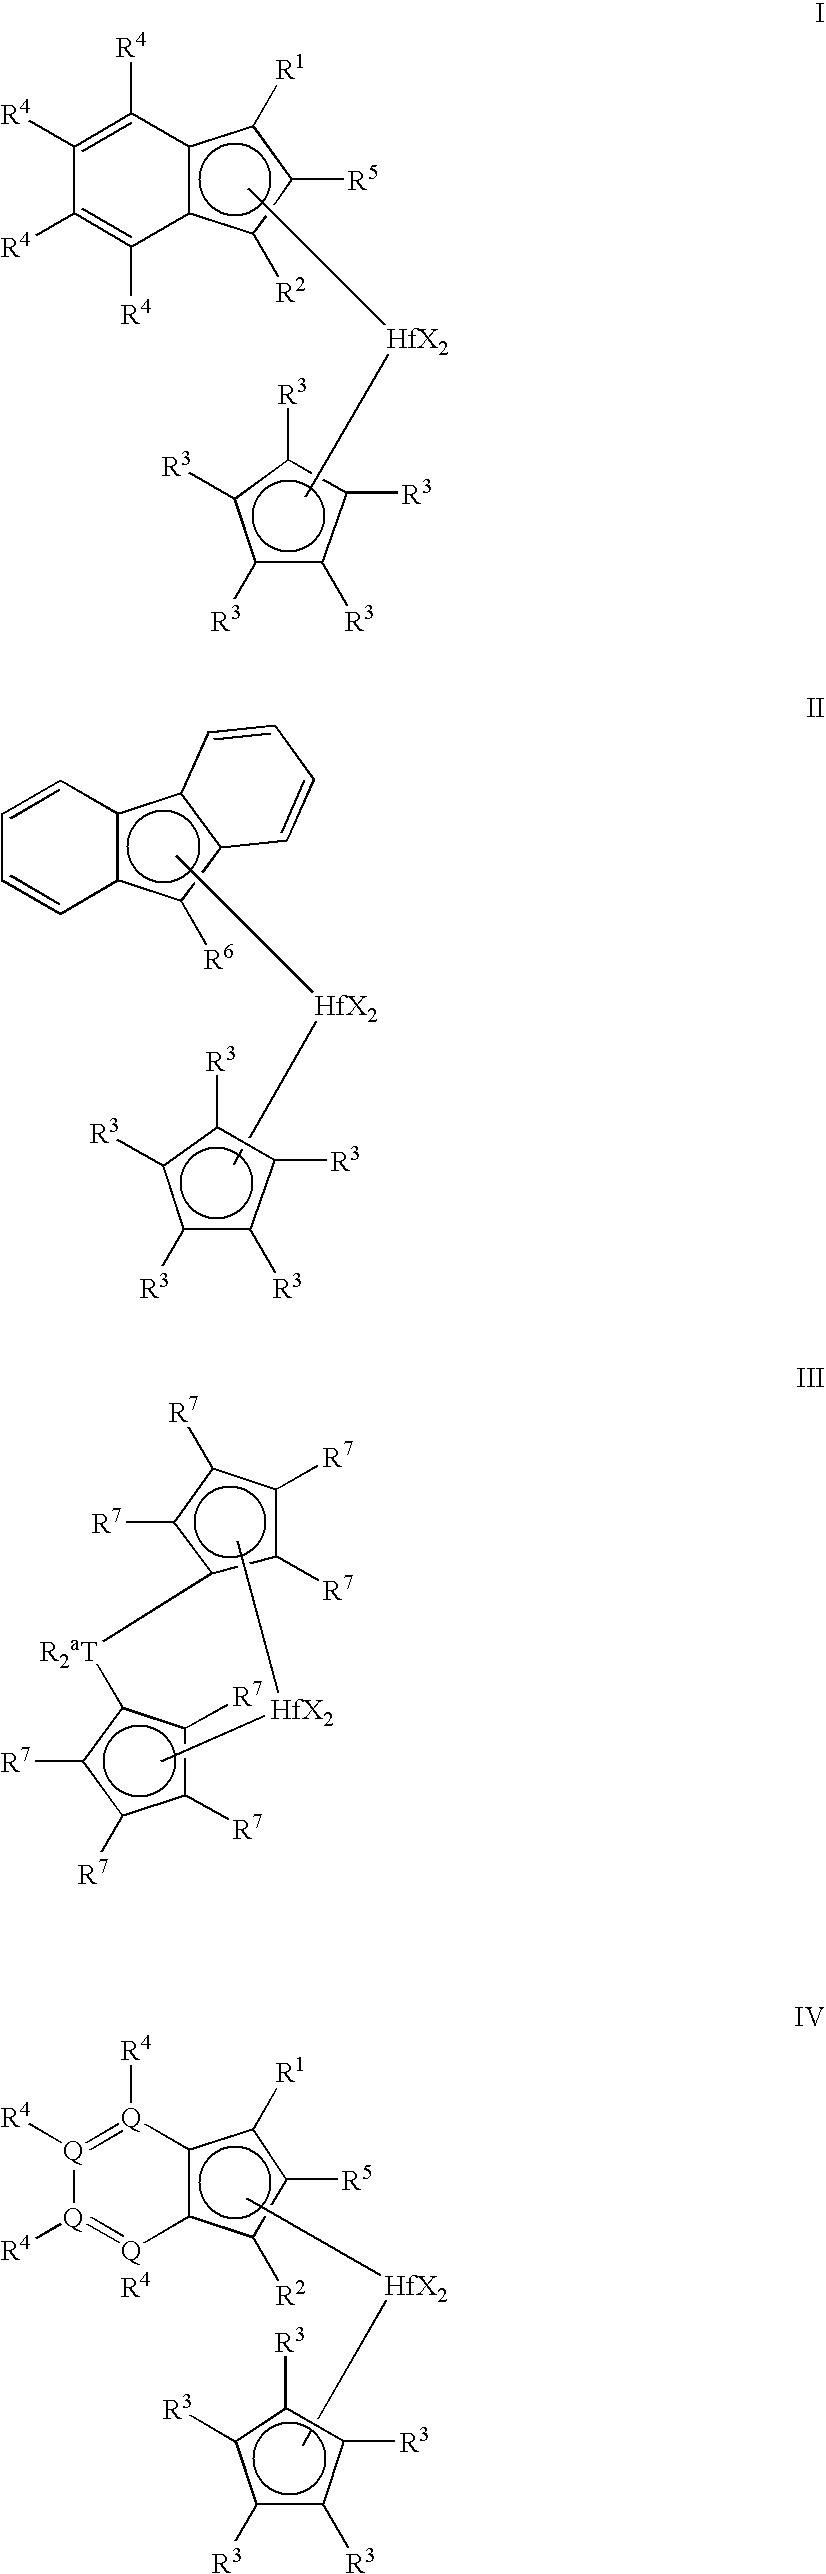 Figure US08372930-20130212-C00007